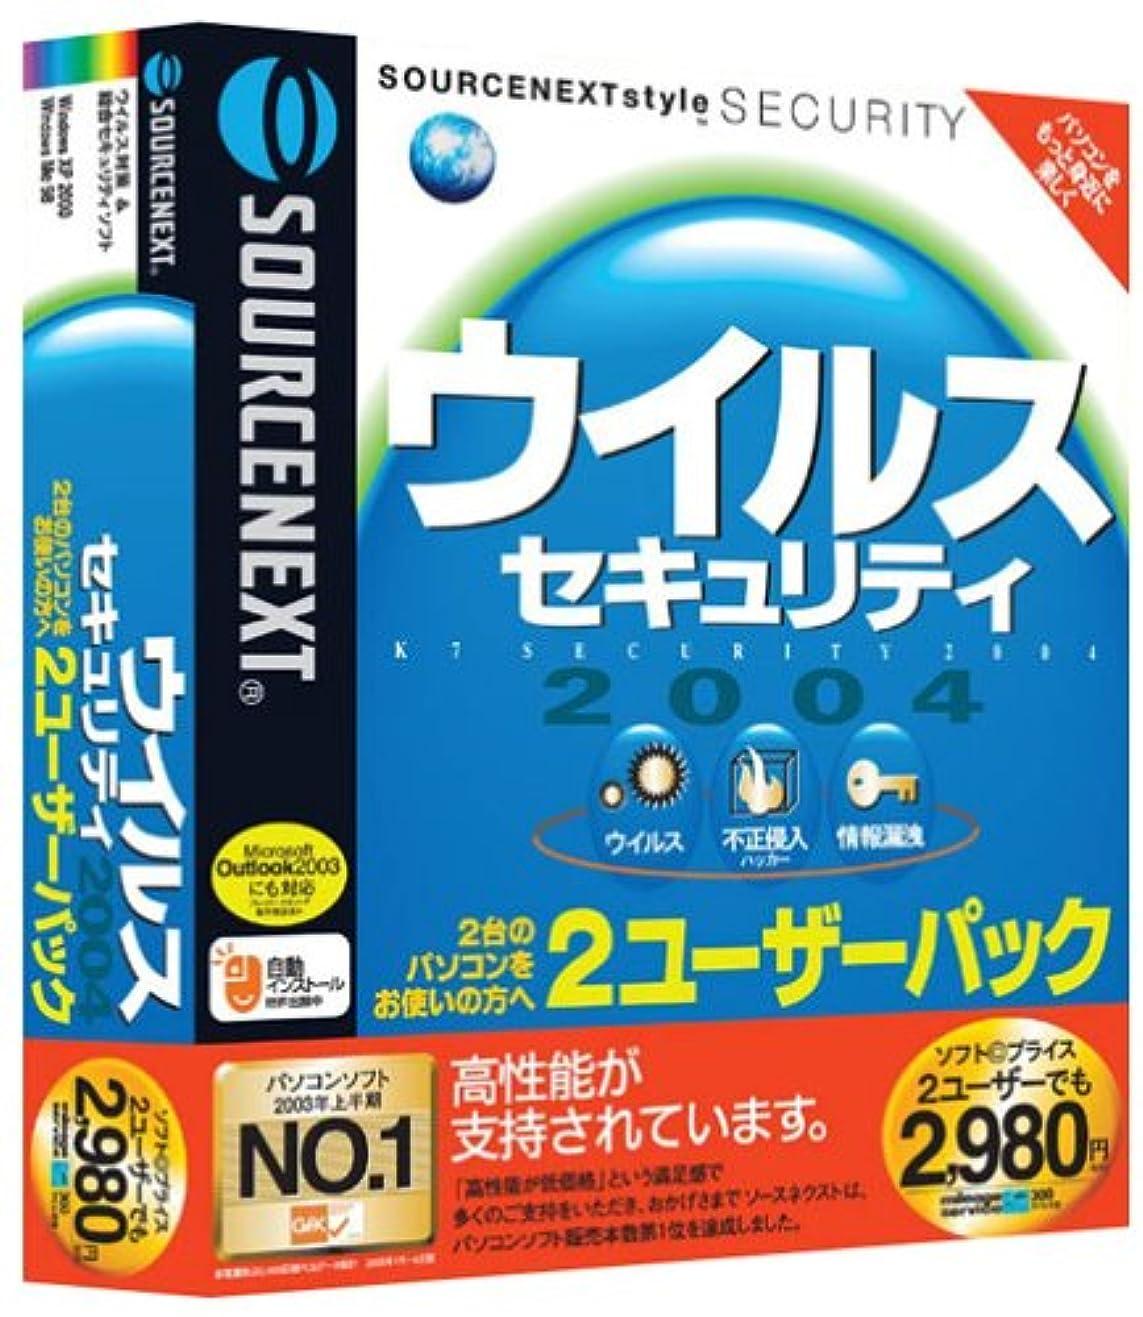 暴力メロドラマ切手ウイルスセキュリティ 2004 2ユーザーパック